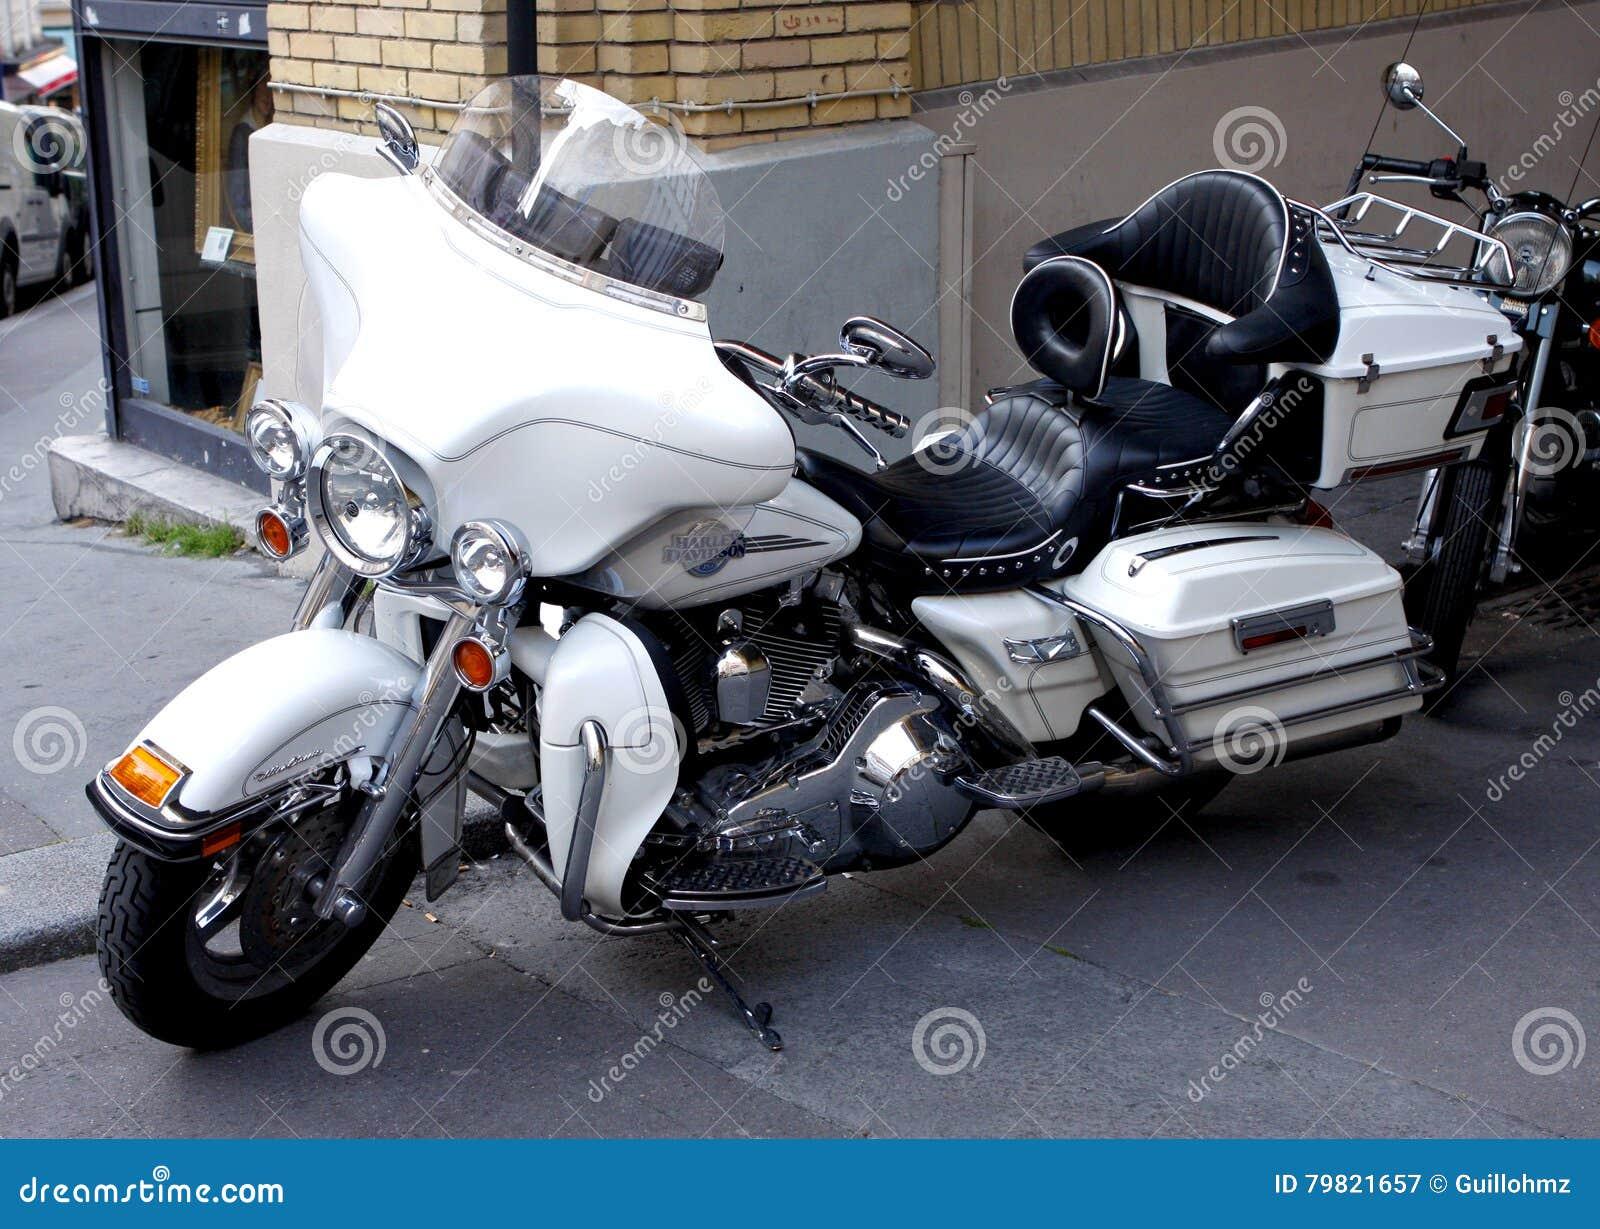 Плавное движение Harley Davidson Electra